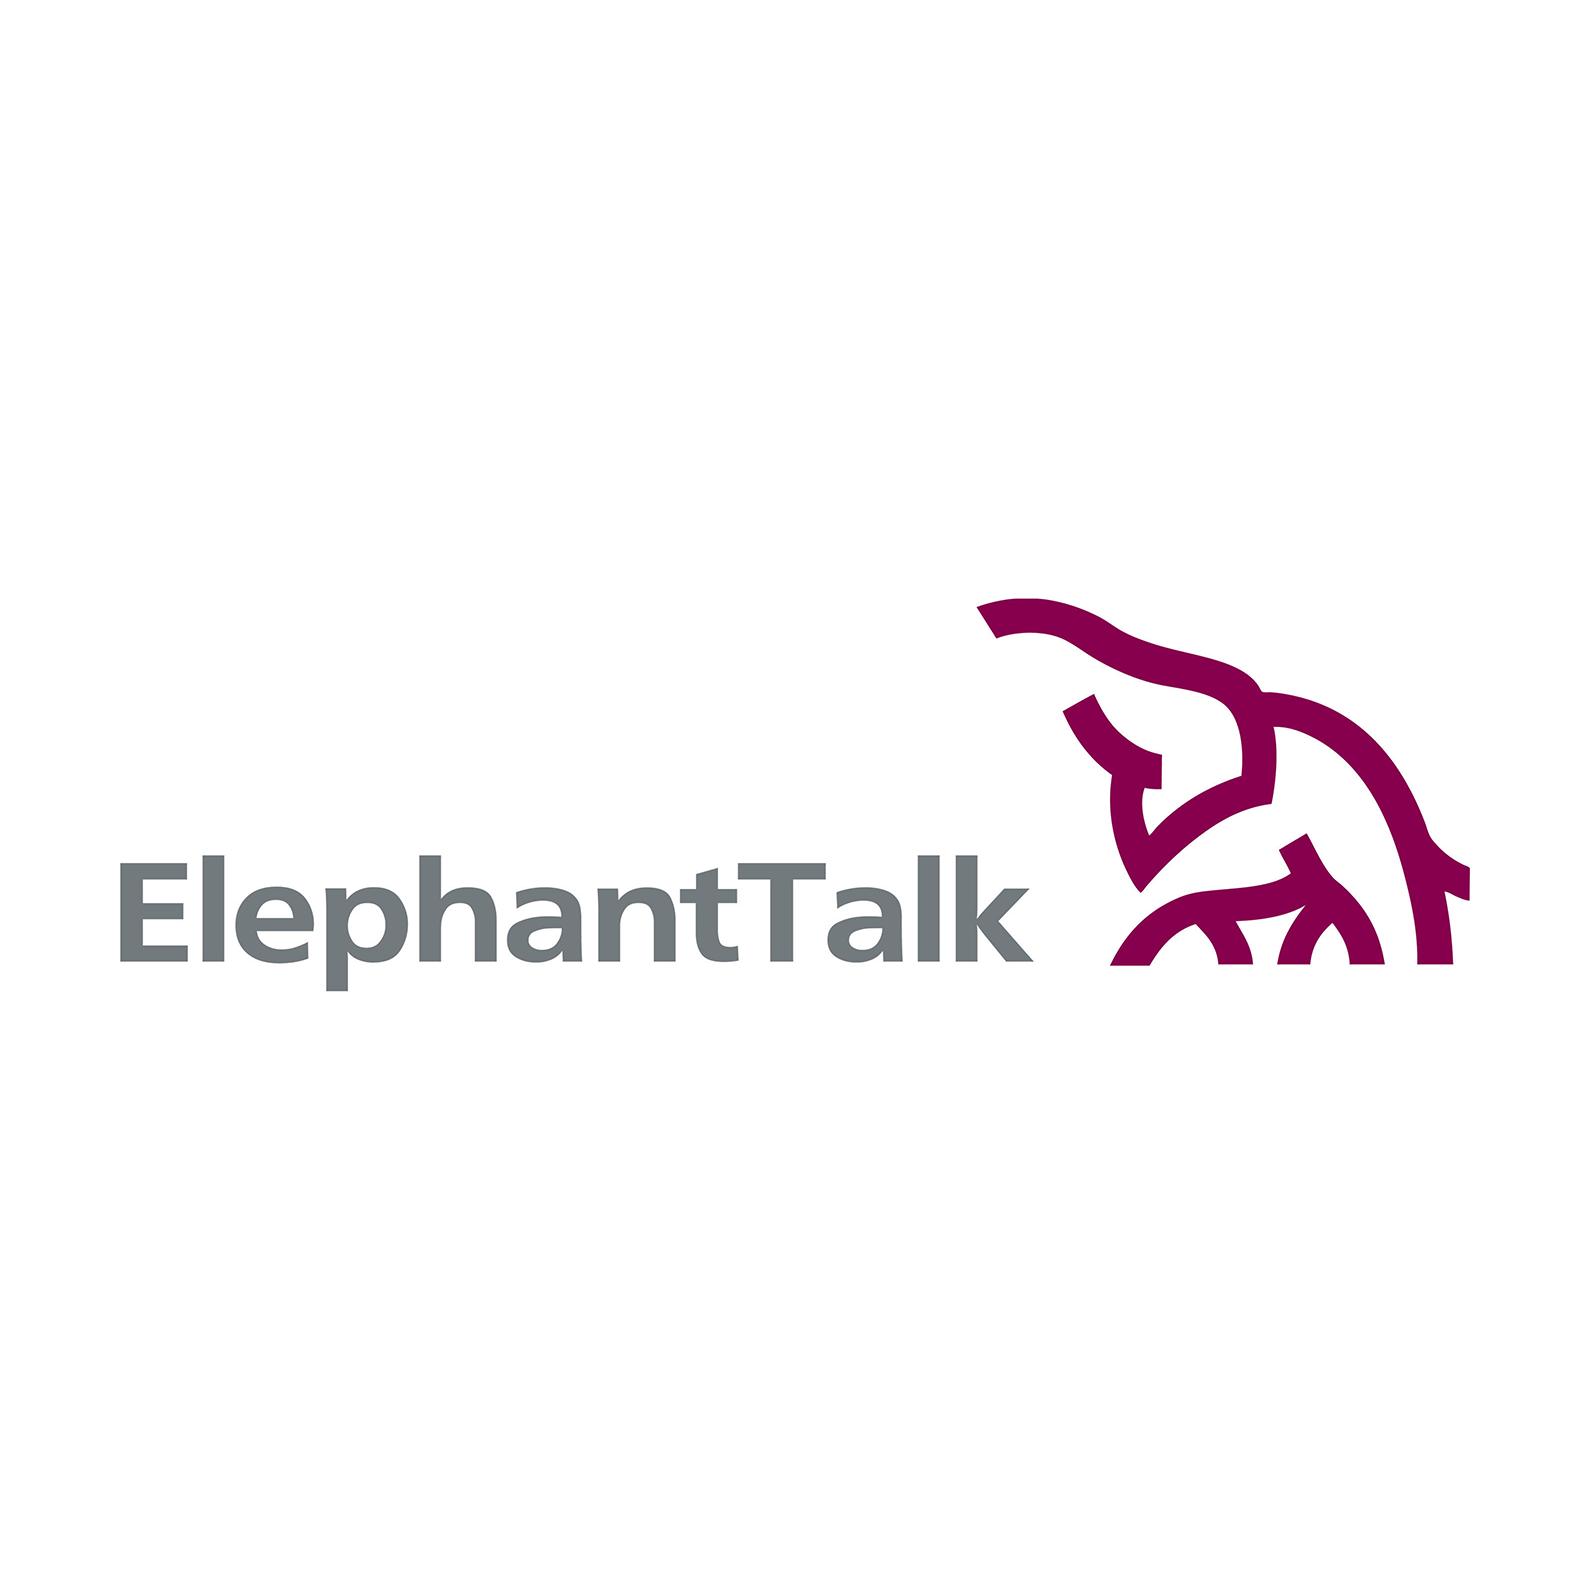 Elephant-Talk